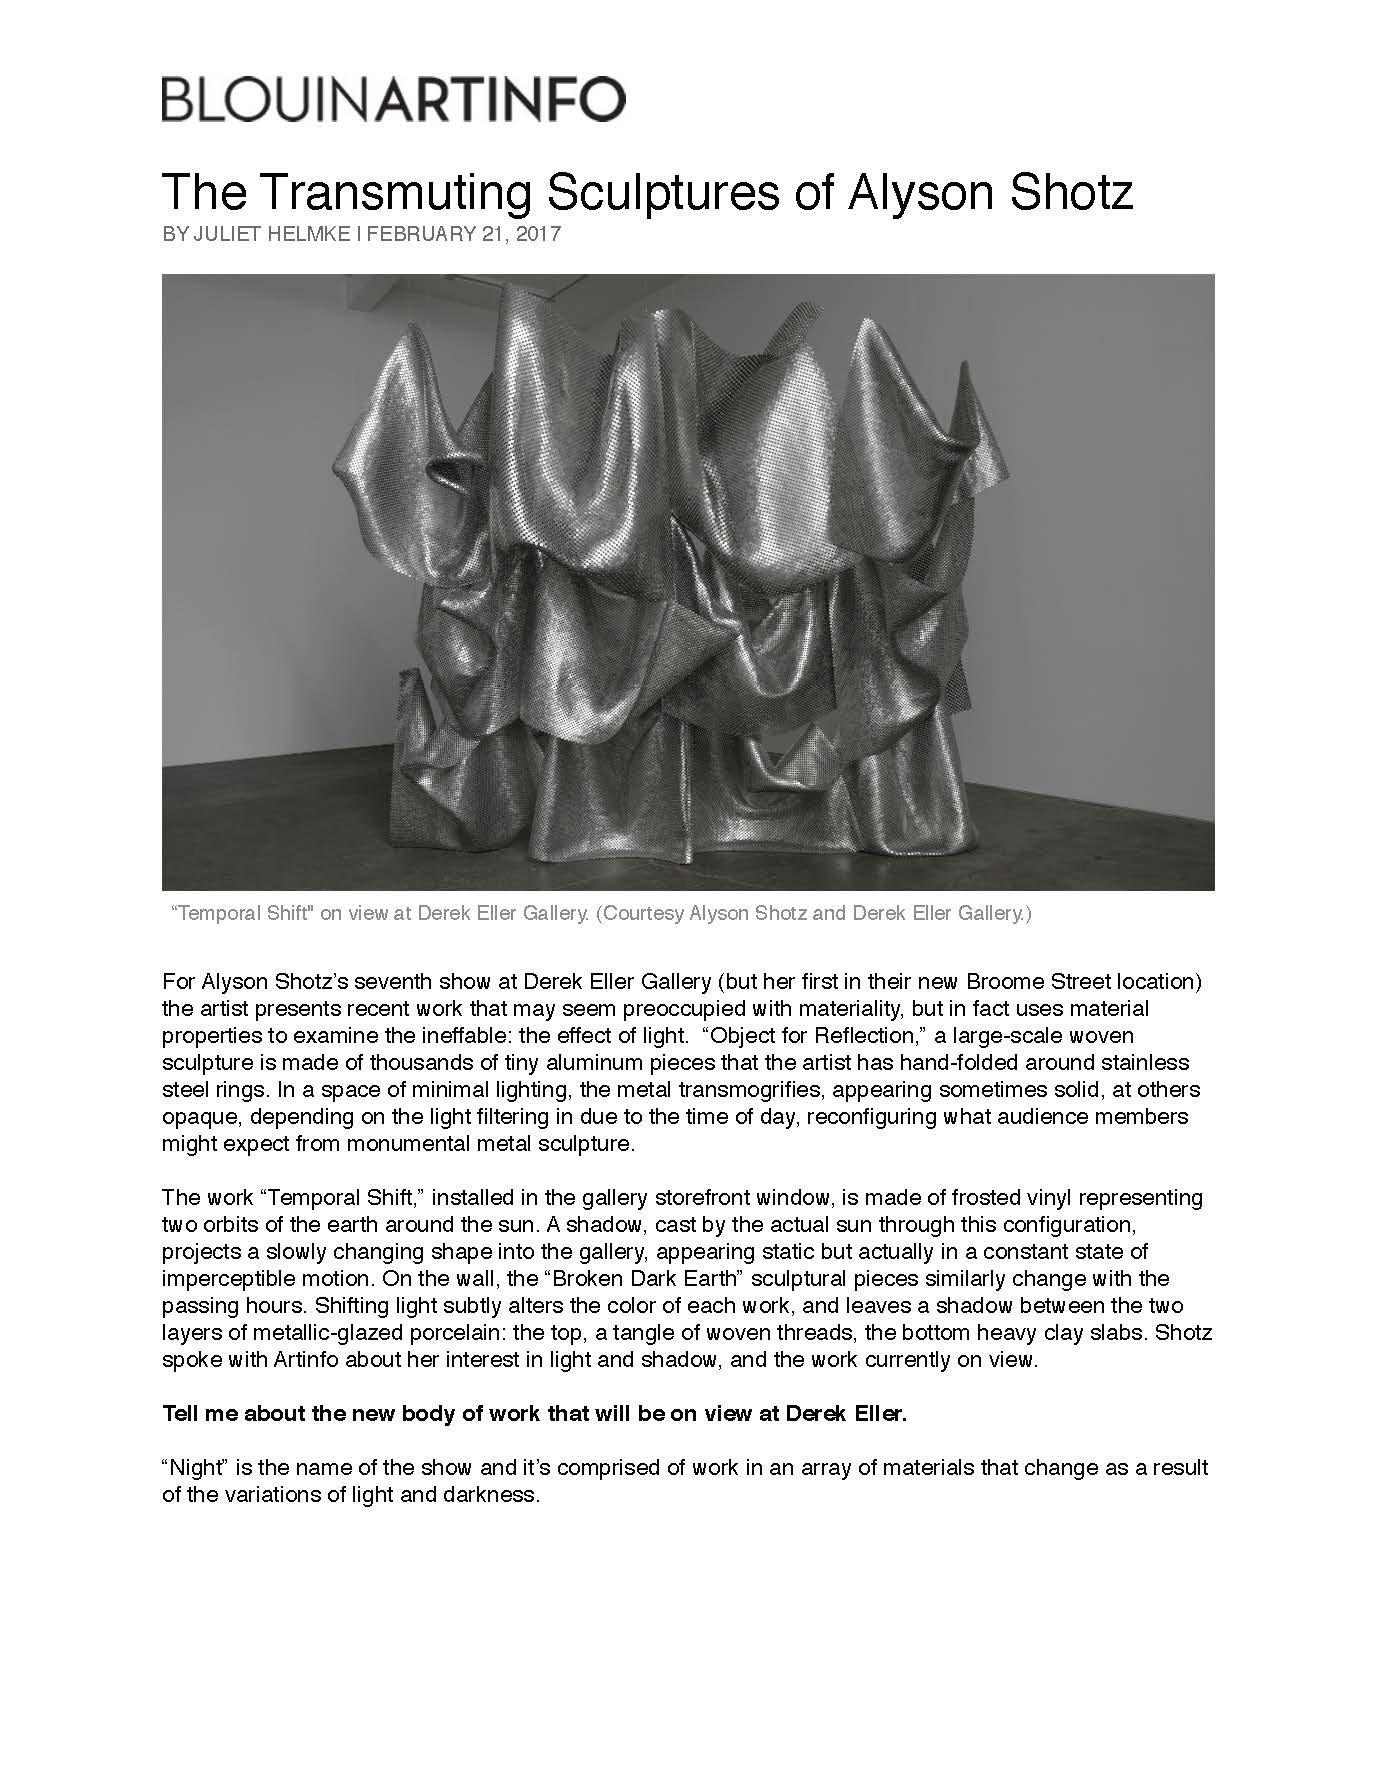 Blouin Art Info: February, 2017